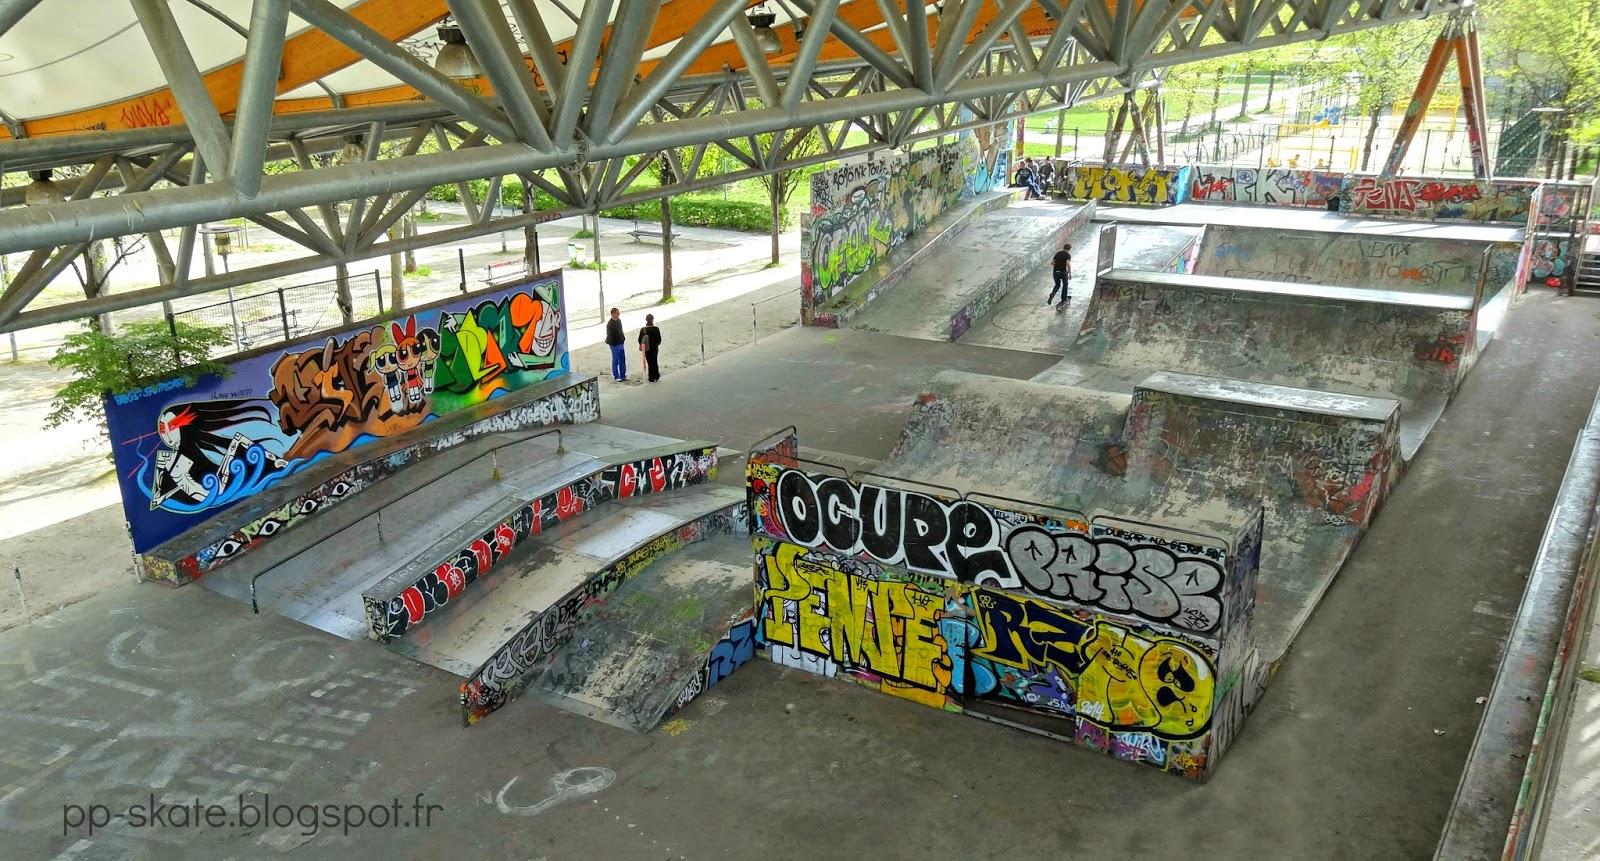 Le skatepark de Paris Bercy | Jackspots Y Intersection